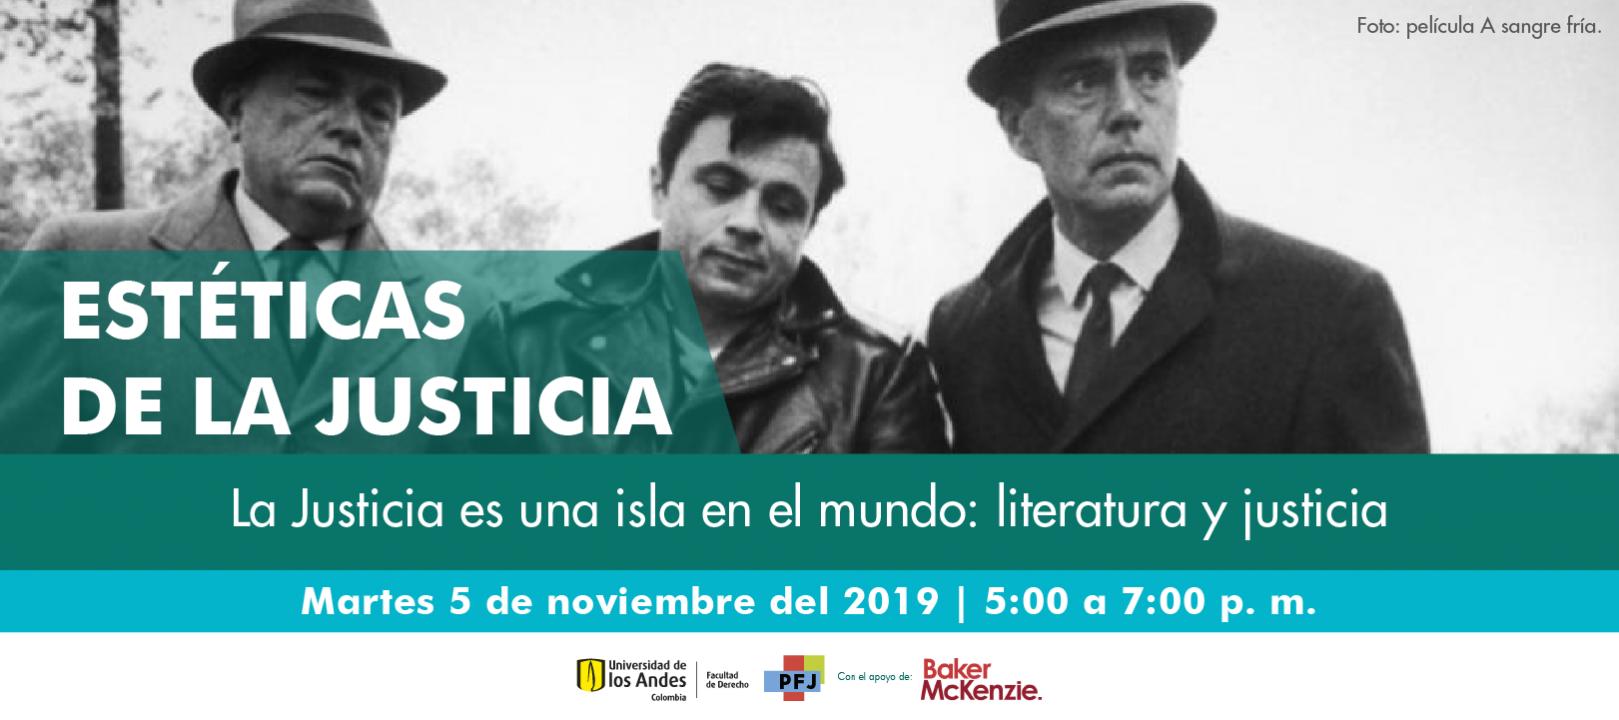 Estéticas de la justicia - La justicia es una isla en el mundo: literatura y justicia 1